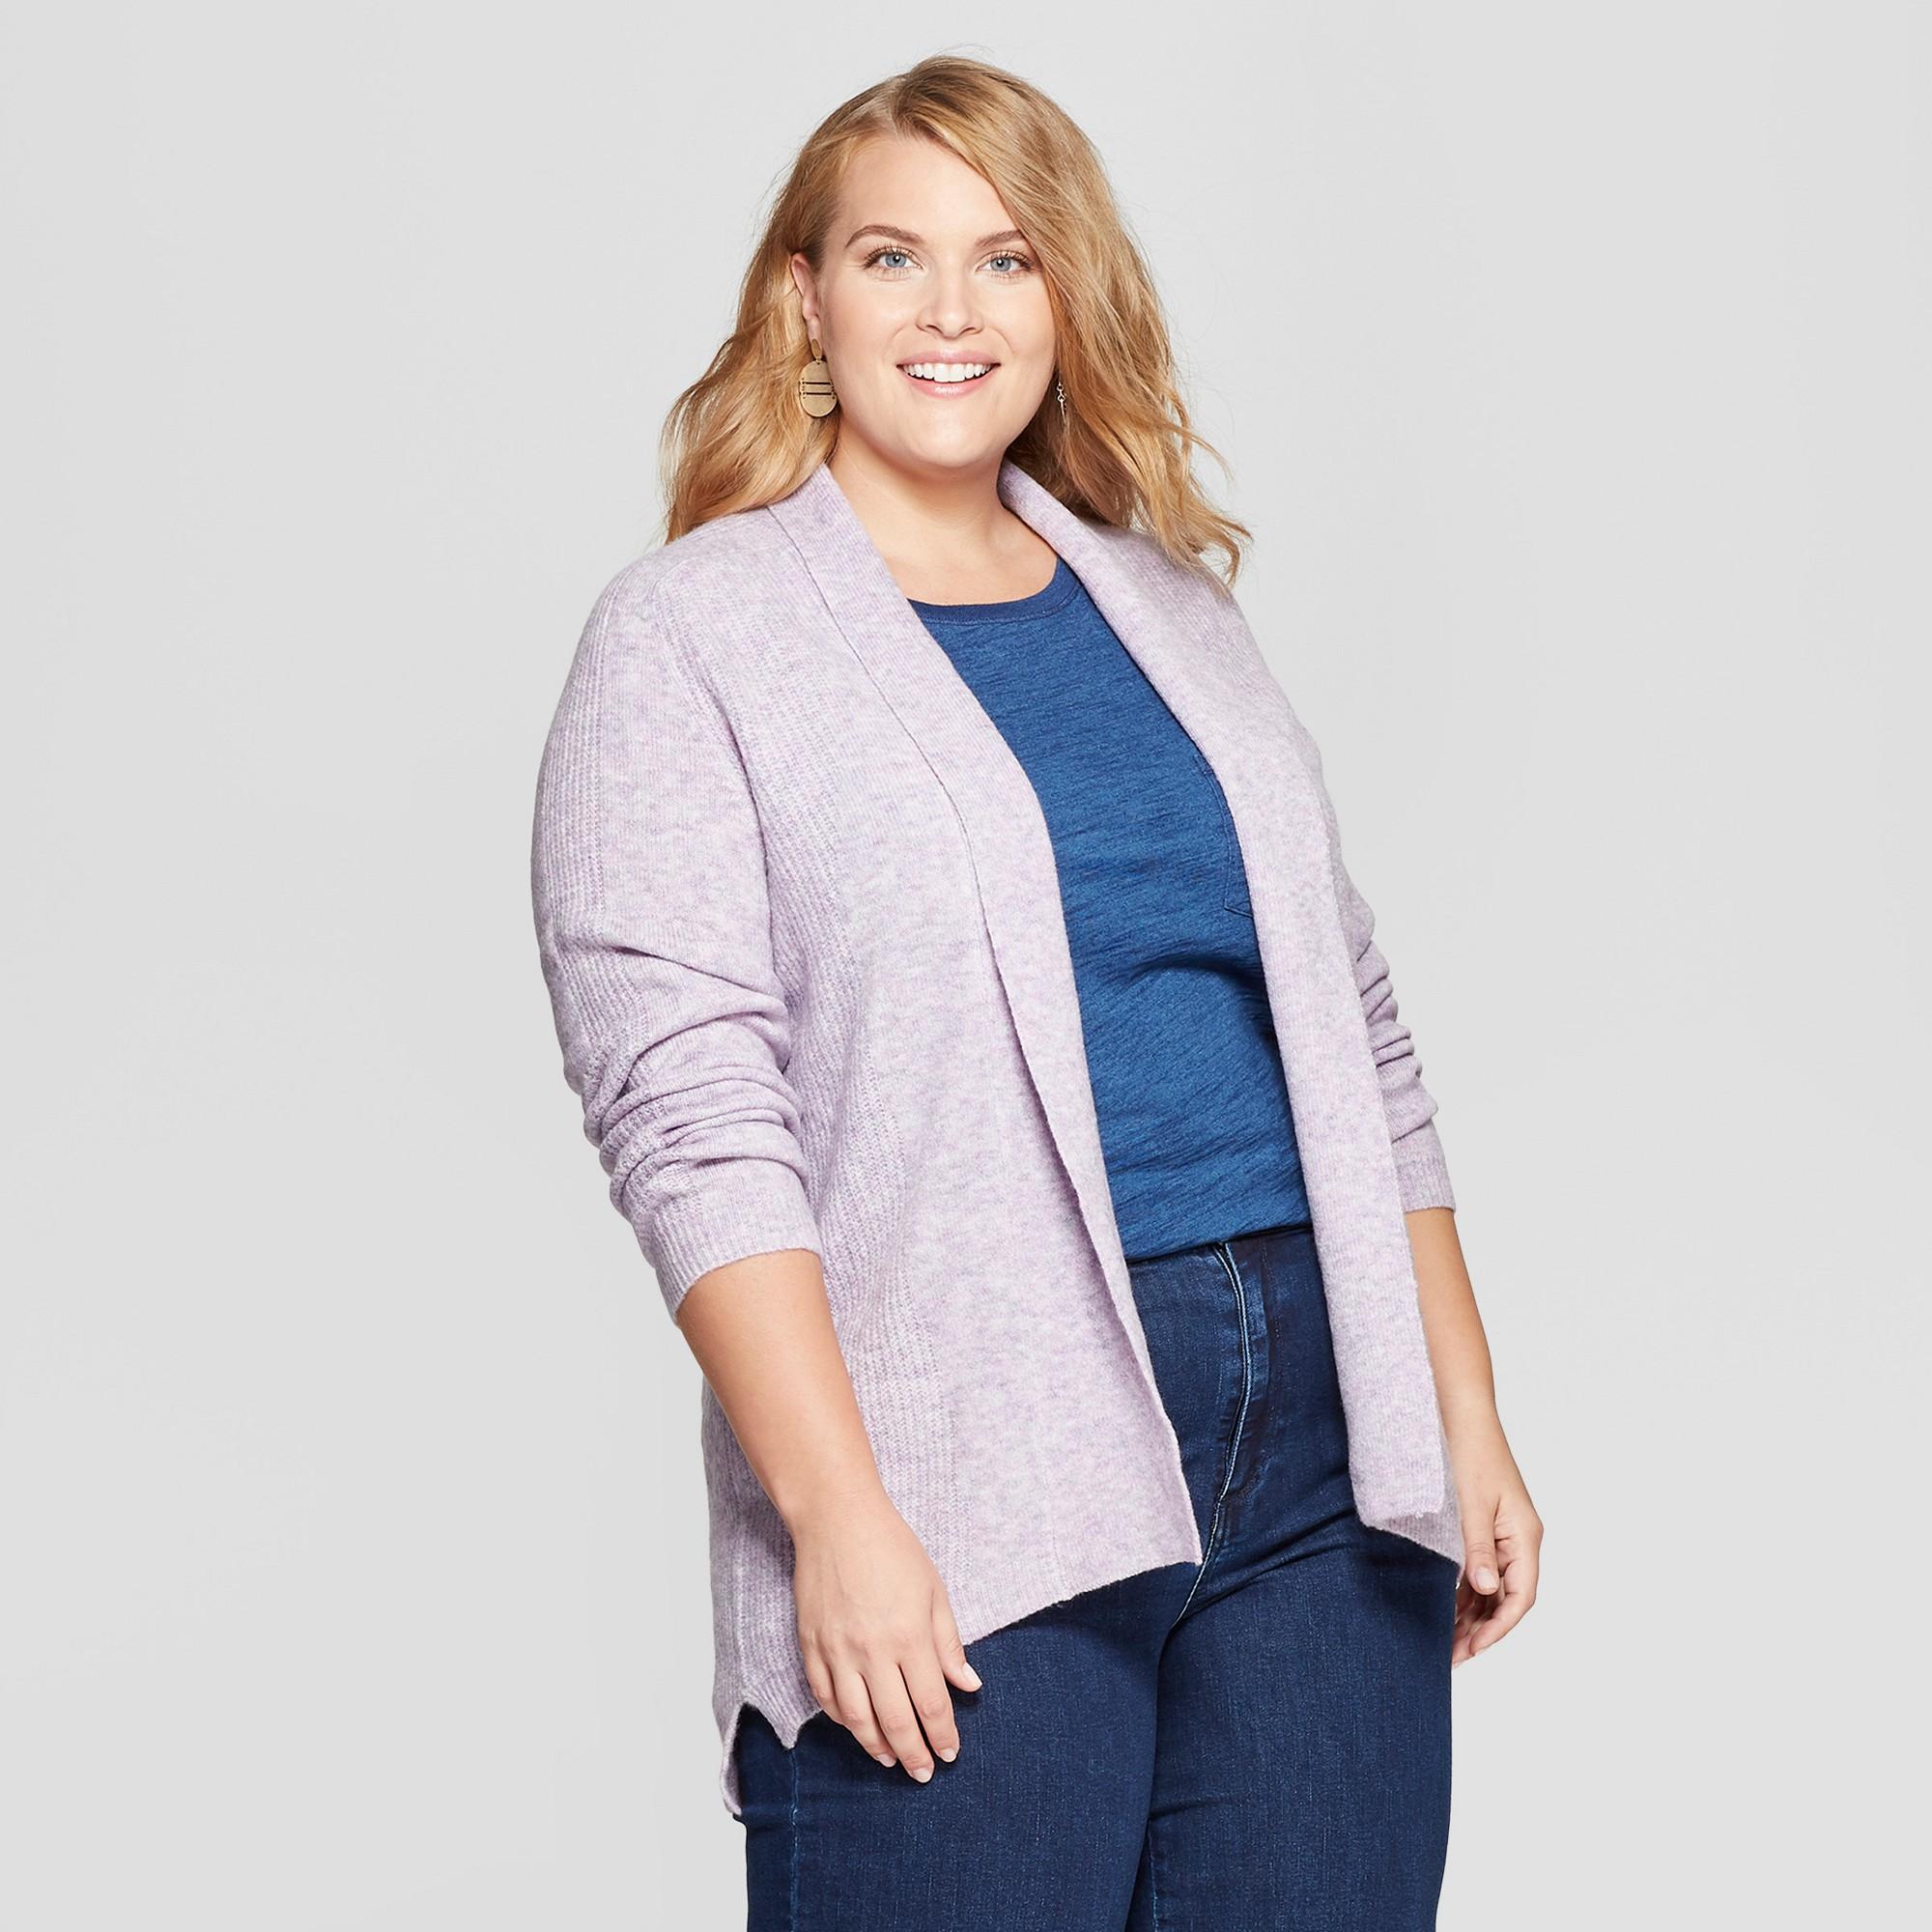 1fe1d155135 Women s Plus Size High-Low Cardigan - Ava   Viv Violet (Purple) 4X ...